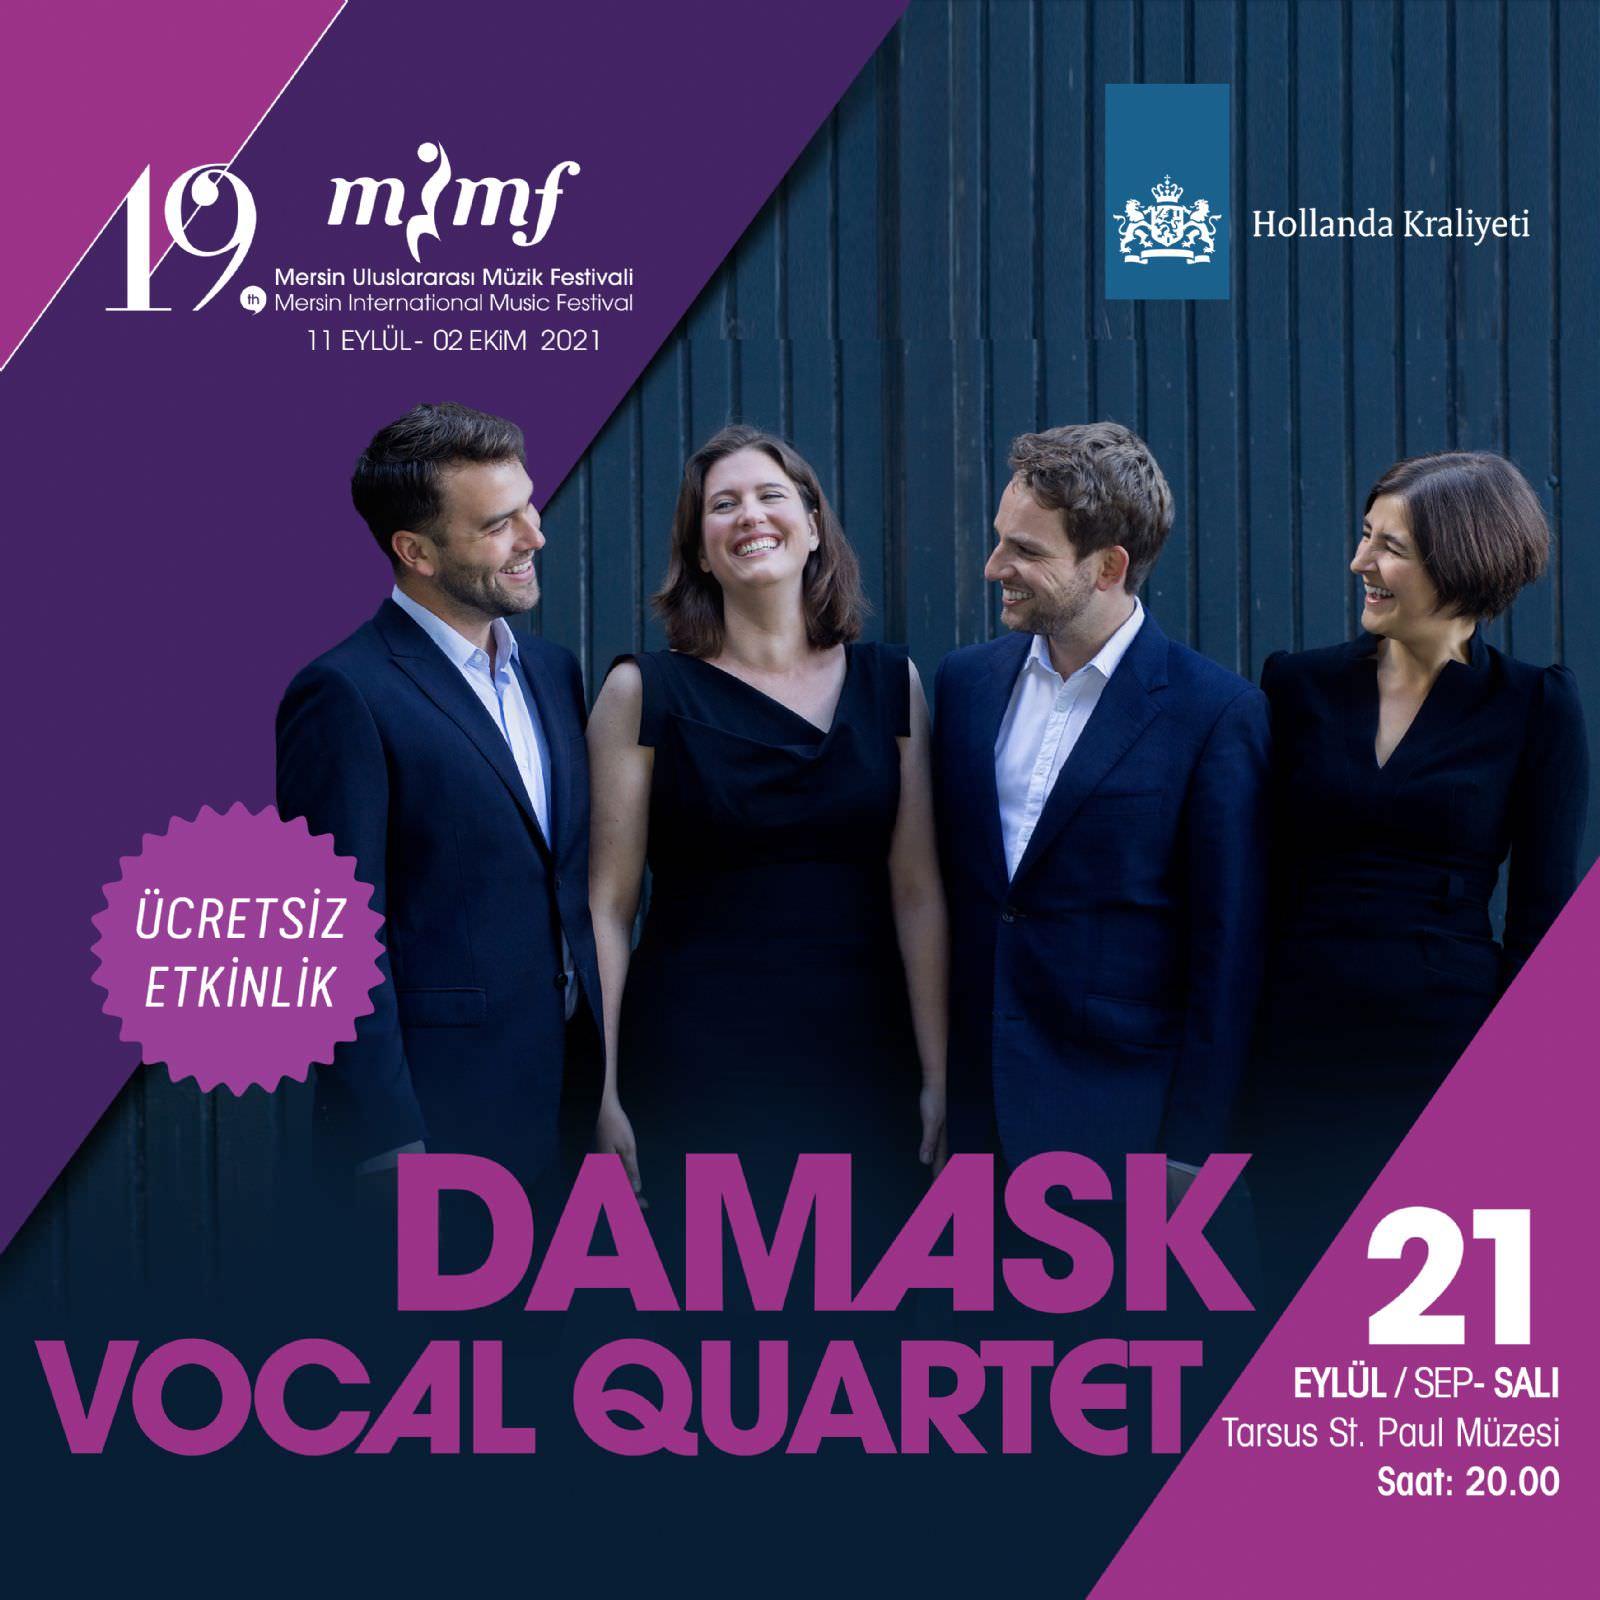 DAMASK Vocal Quartet, Hollanda